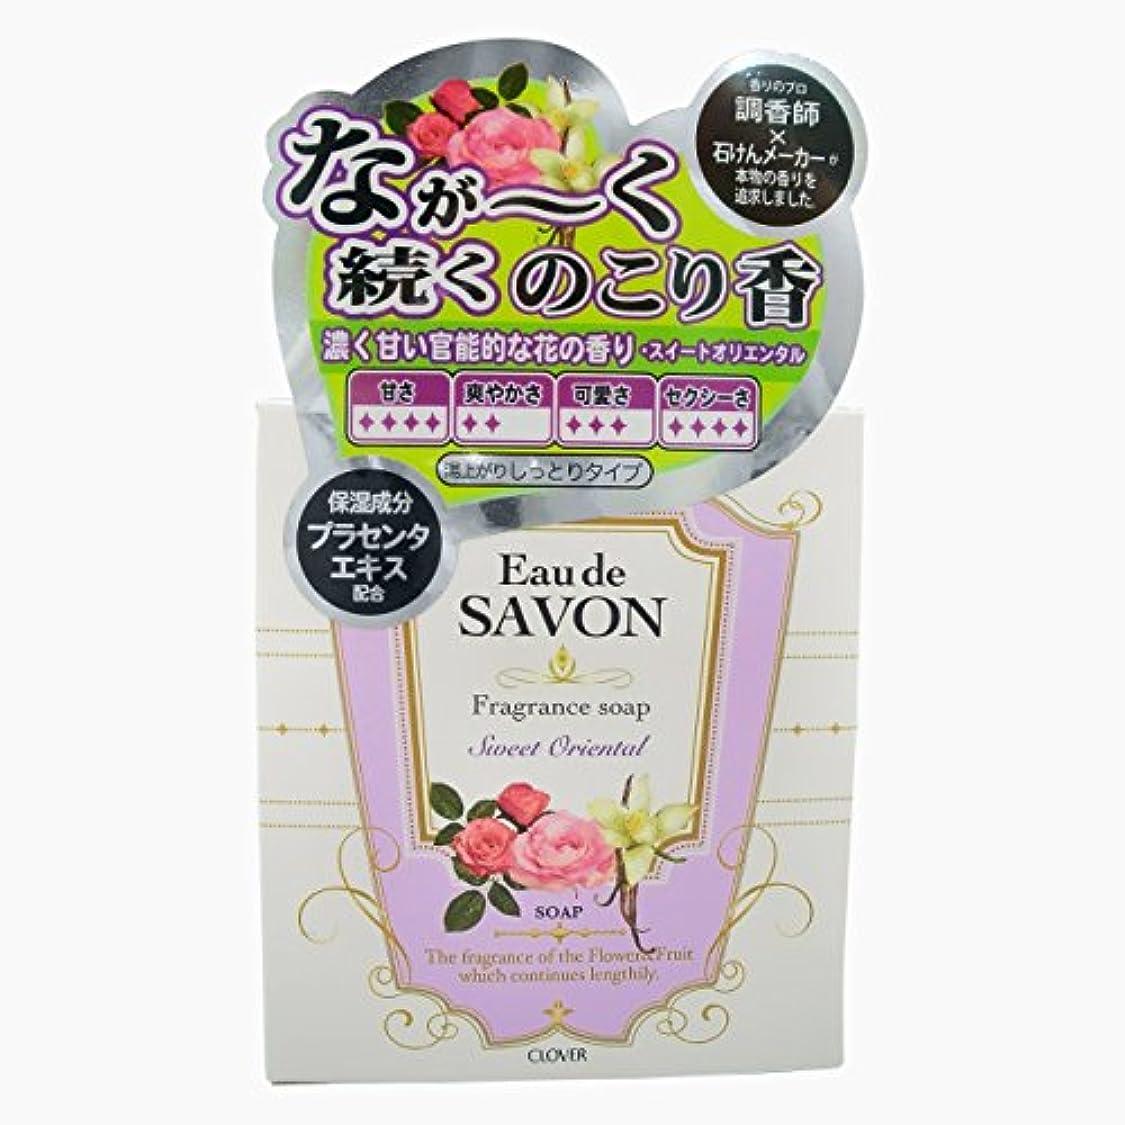 乳製品冷淡な葡萄オーデサボン 石けん スイートオリエンタル (100g)